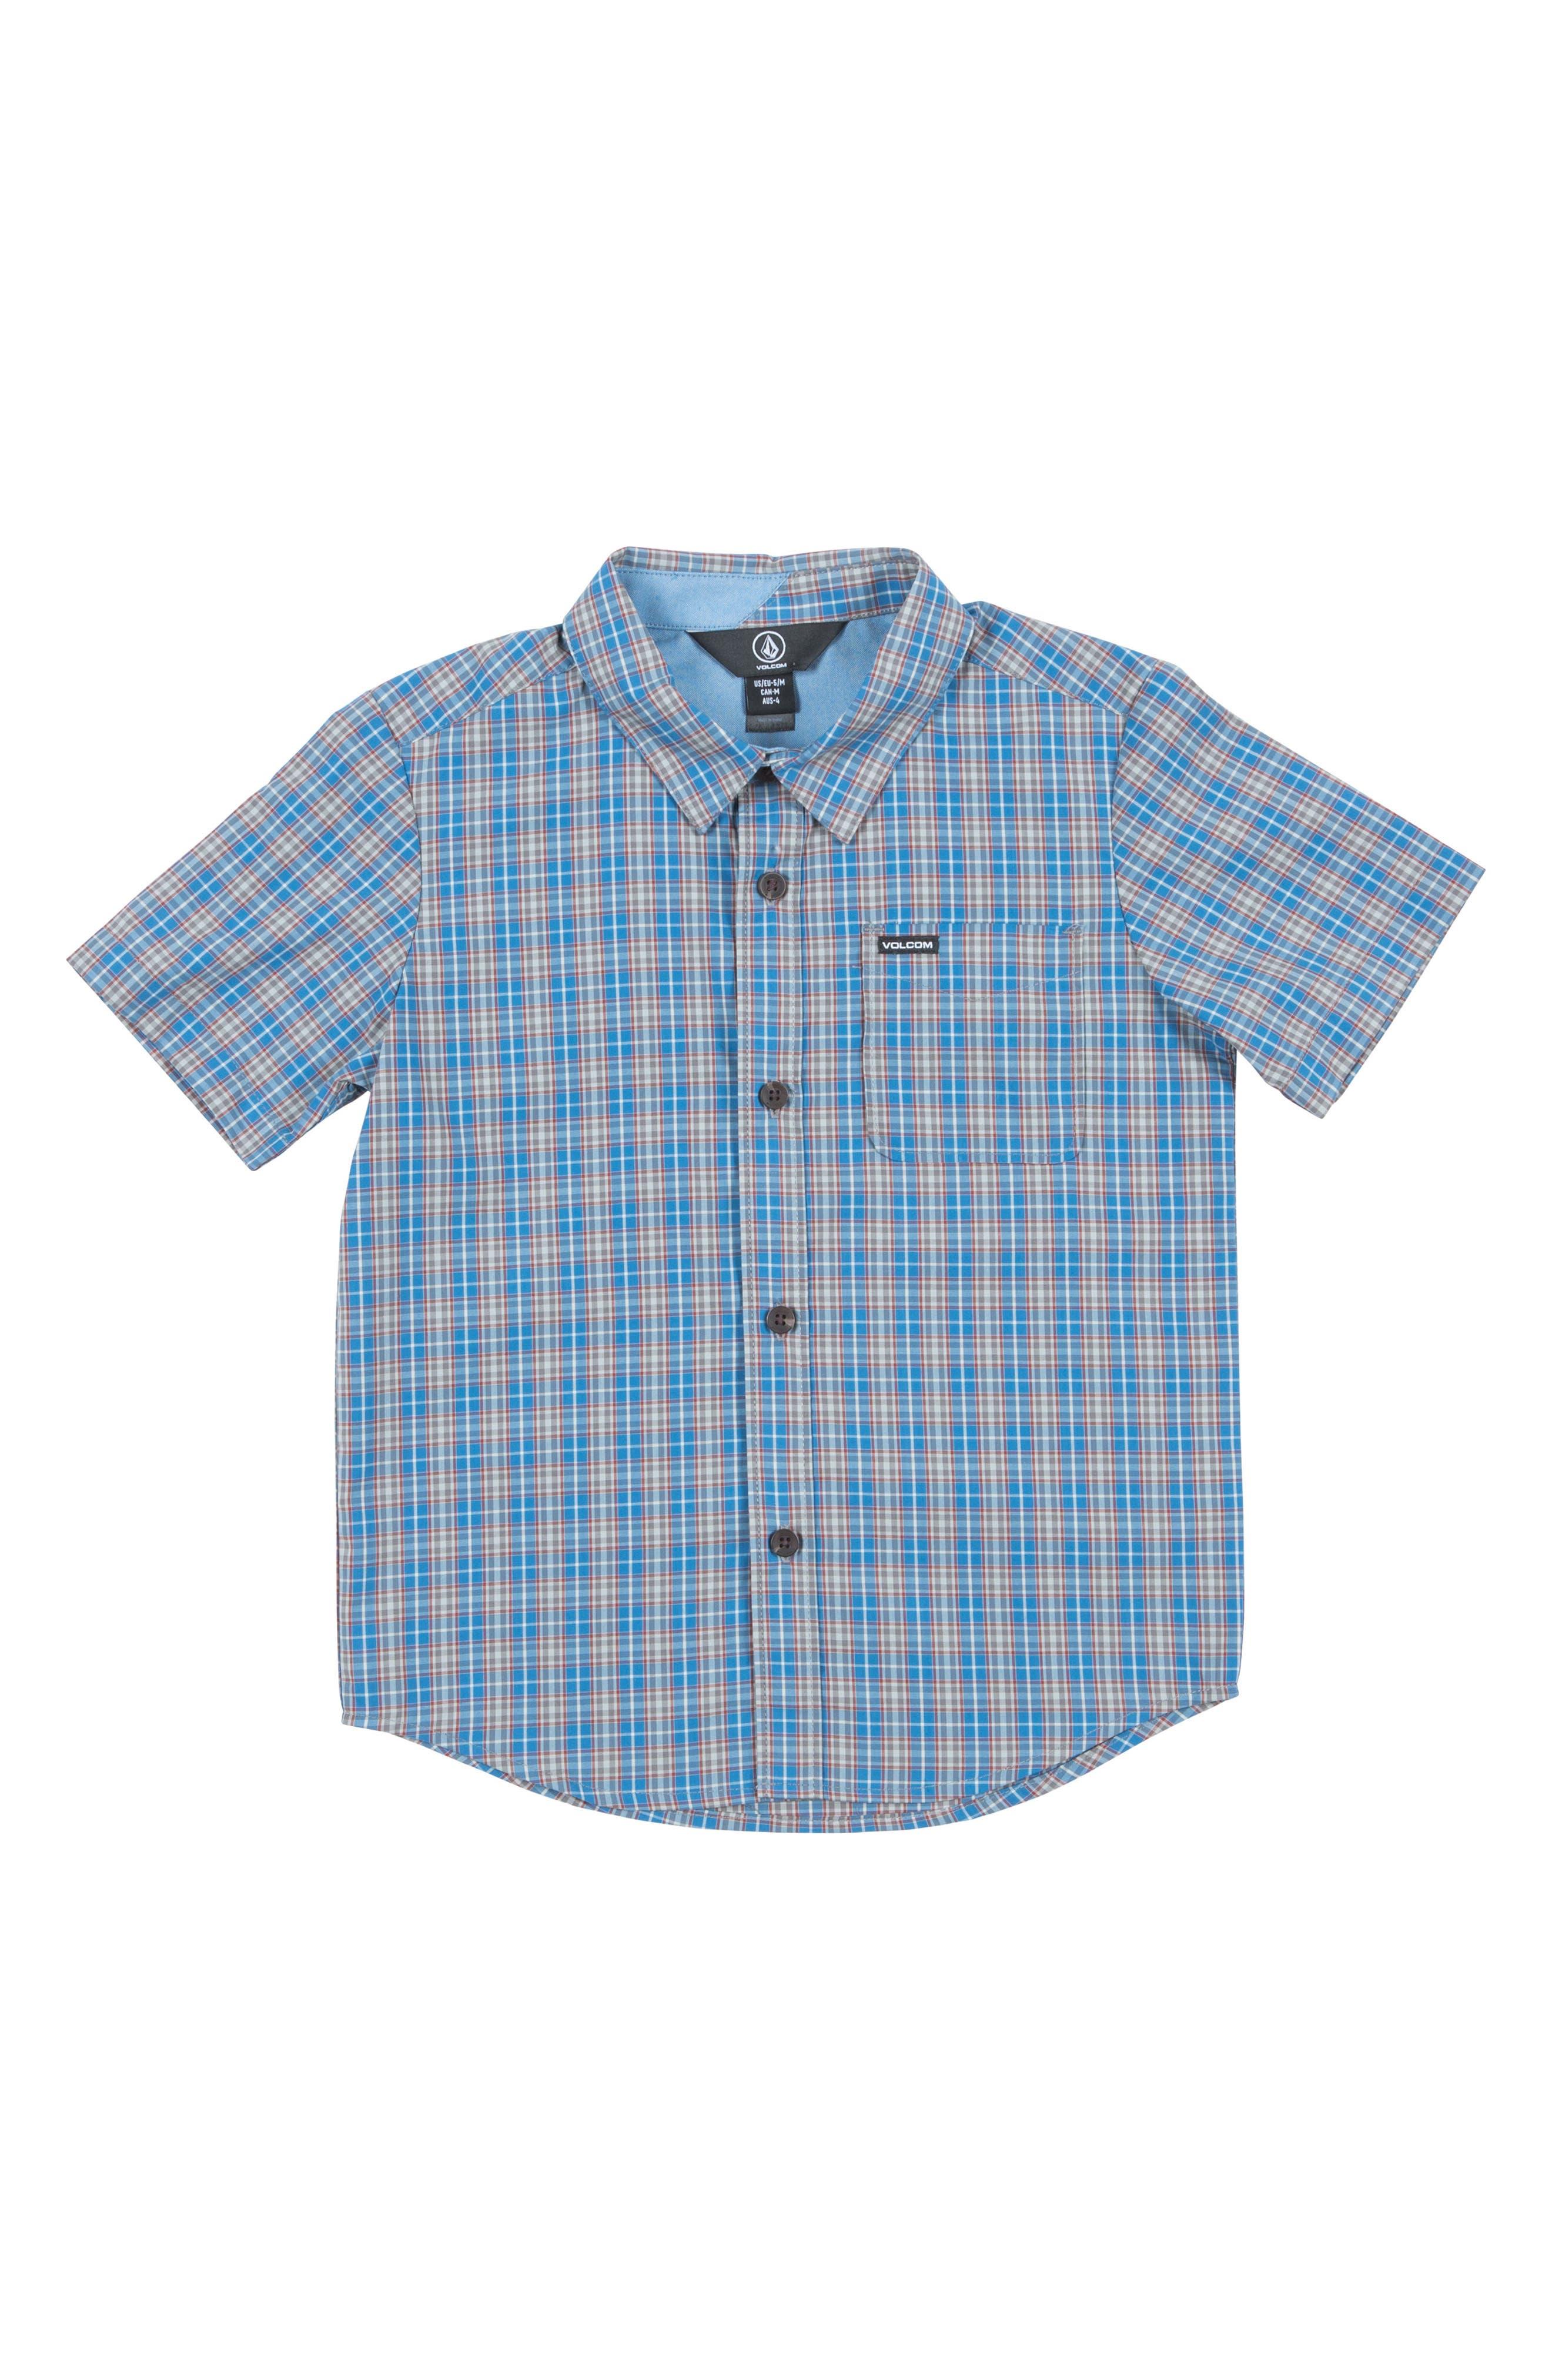 Volcom Harper Plaid Woven Shirt (Toddler Boys & Little Boys)